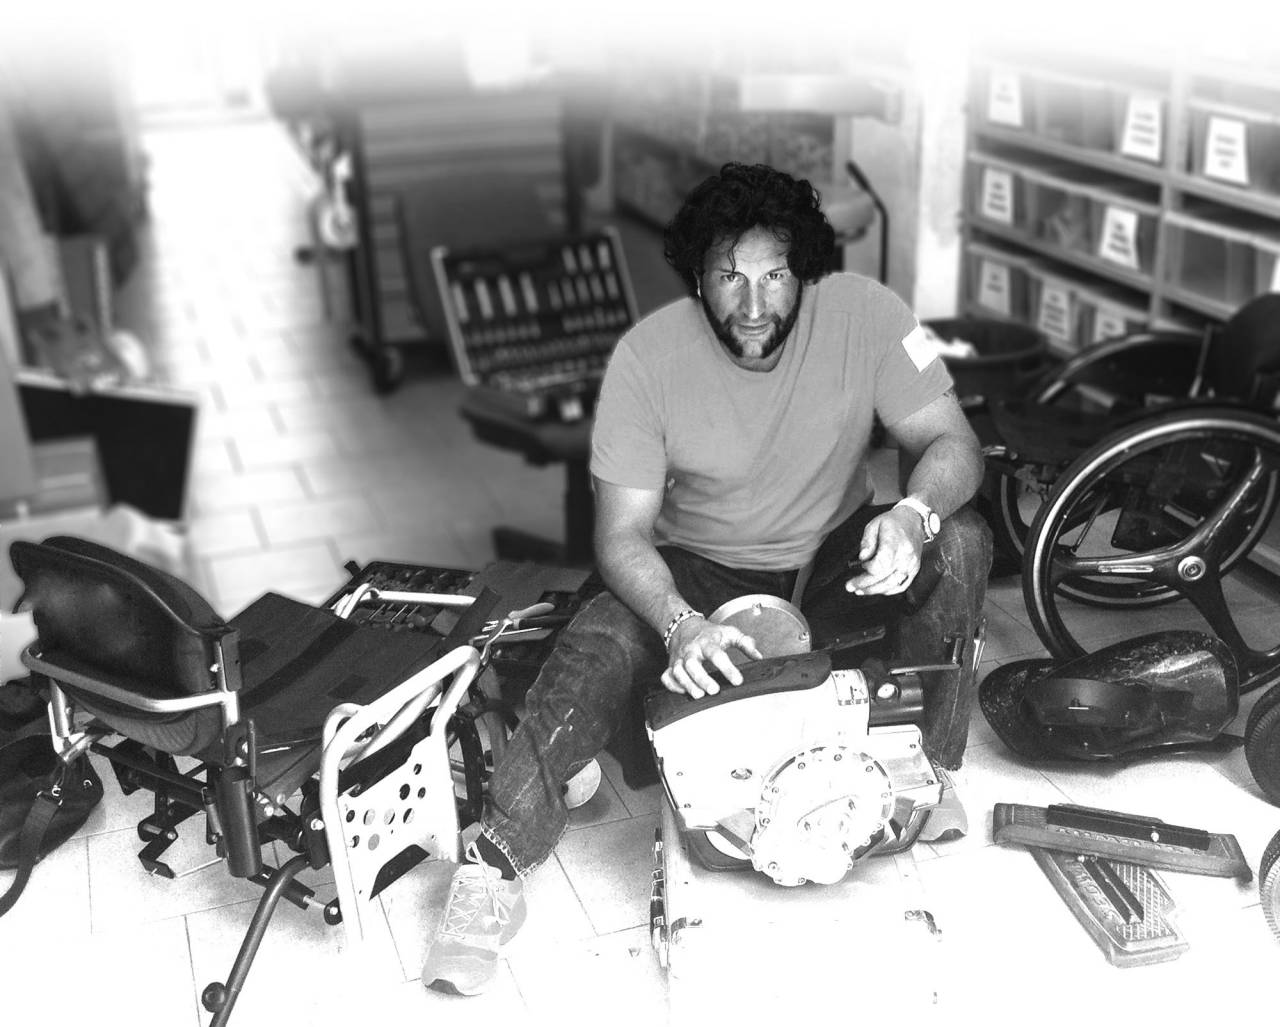 Paolo Badano en su taller, trabajando en el prototipo de Genny Silla de ruedas electrica